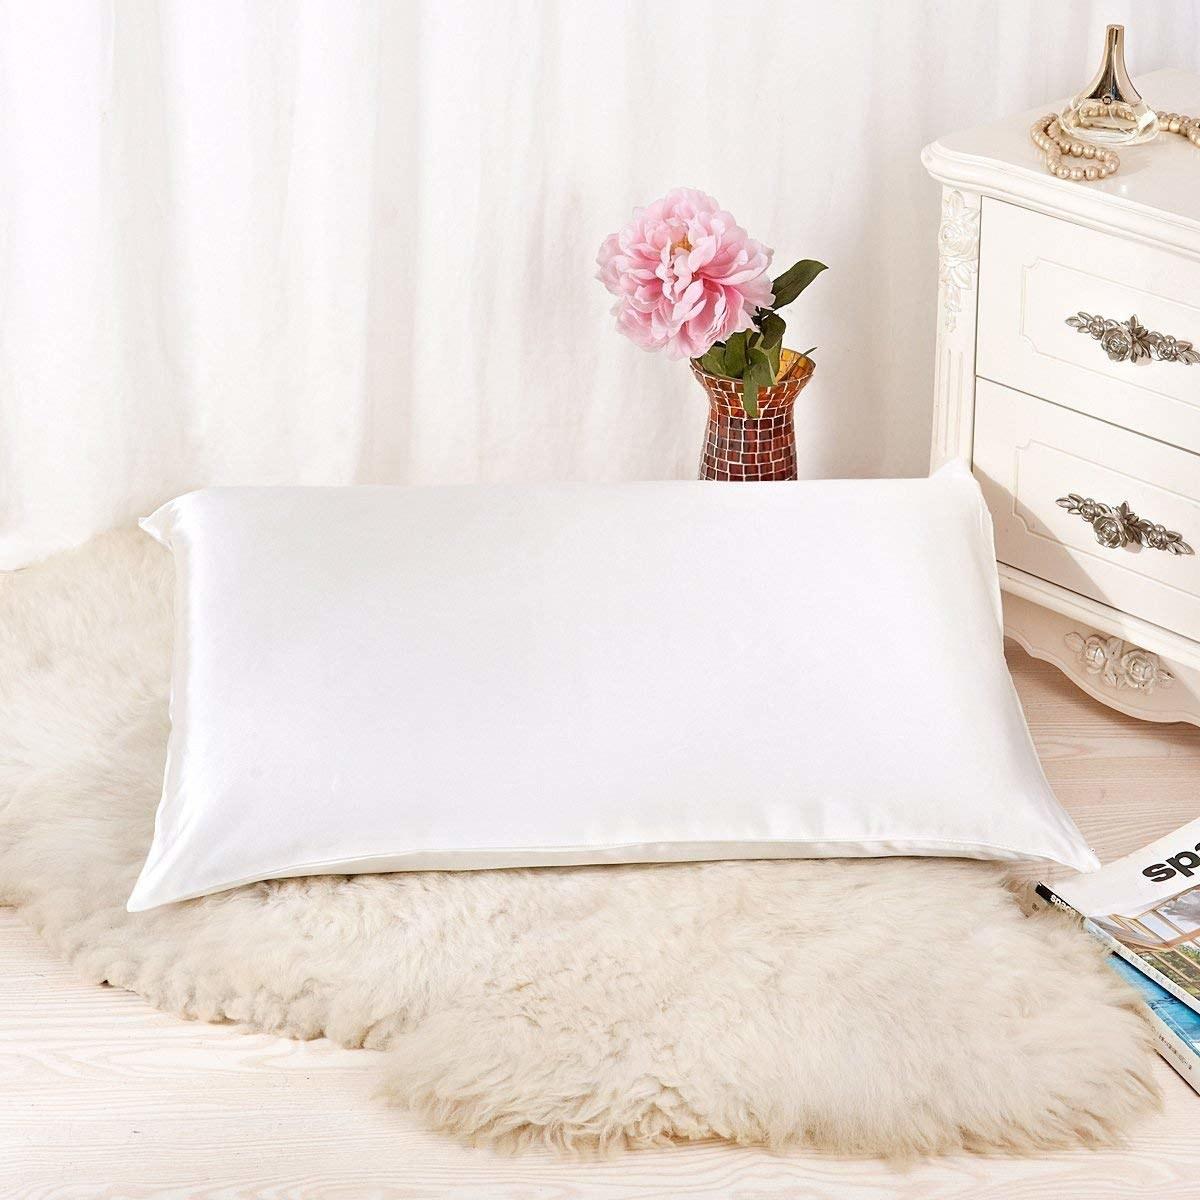 a white silk pillowcase